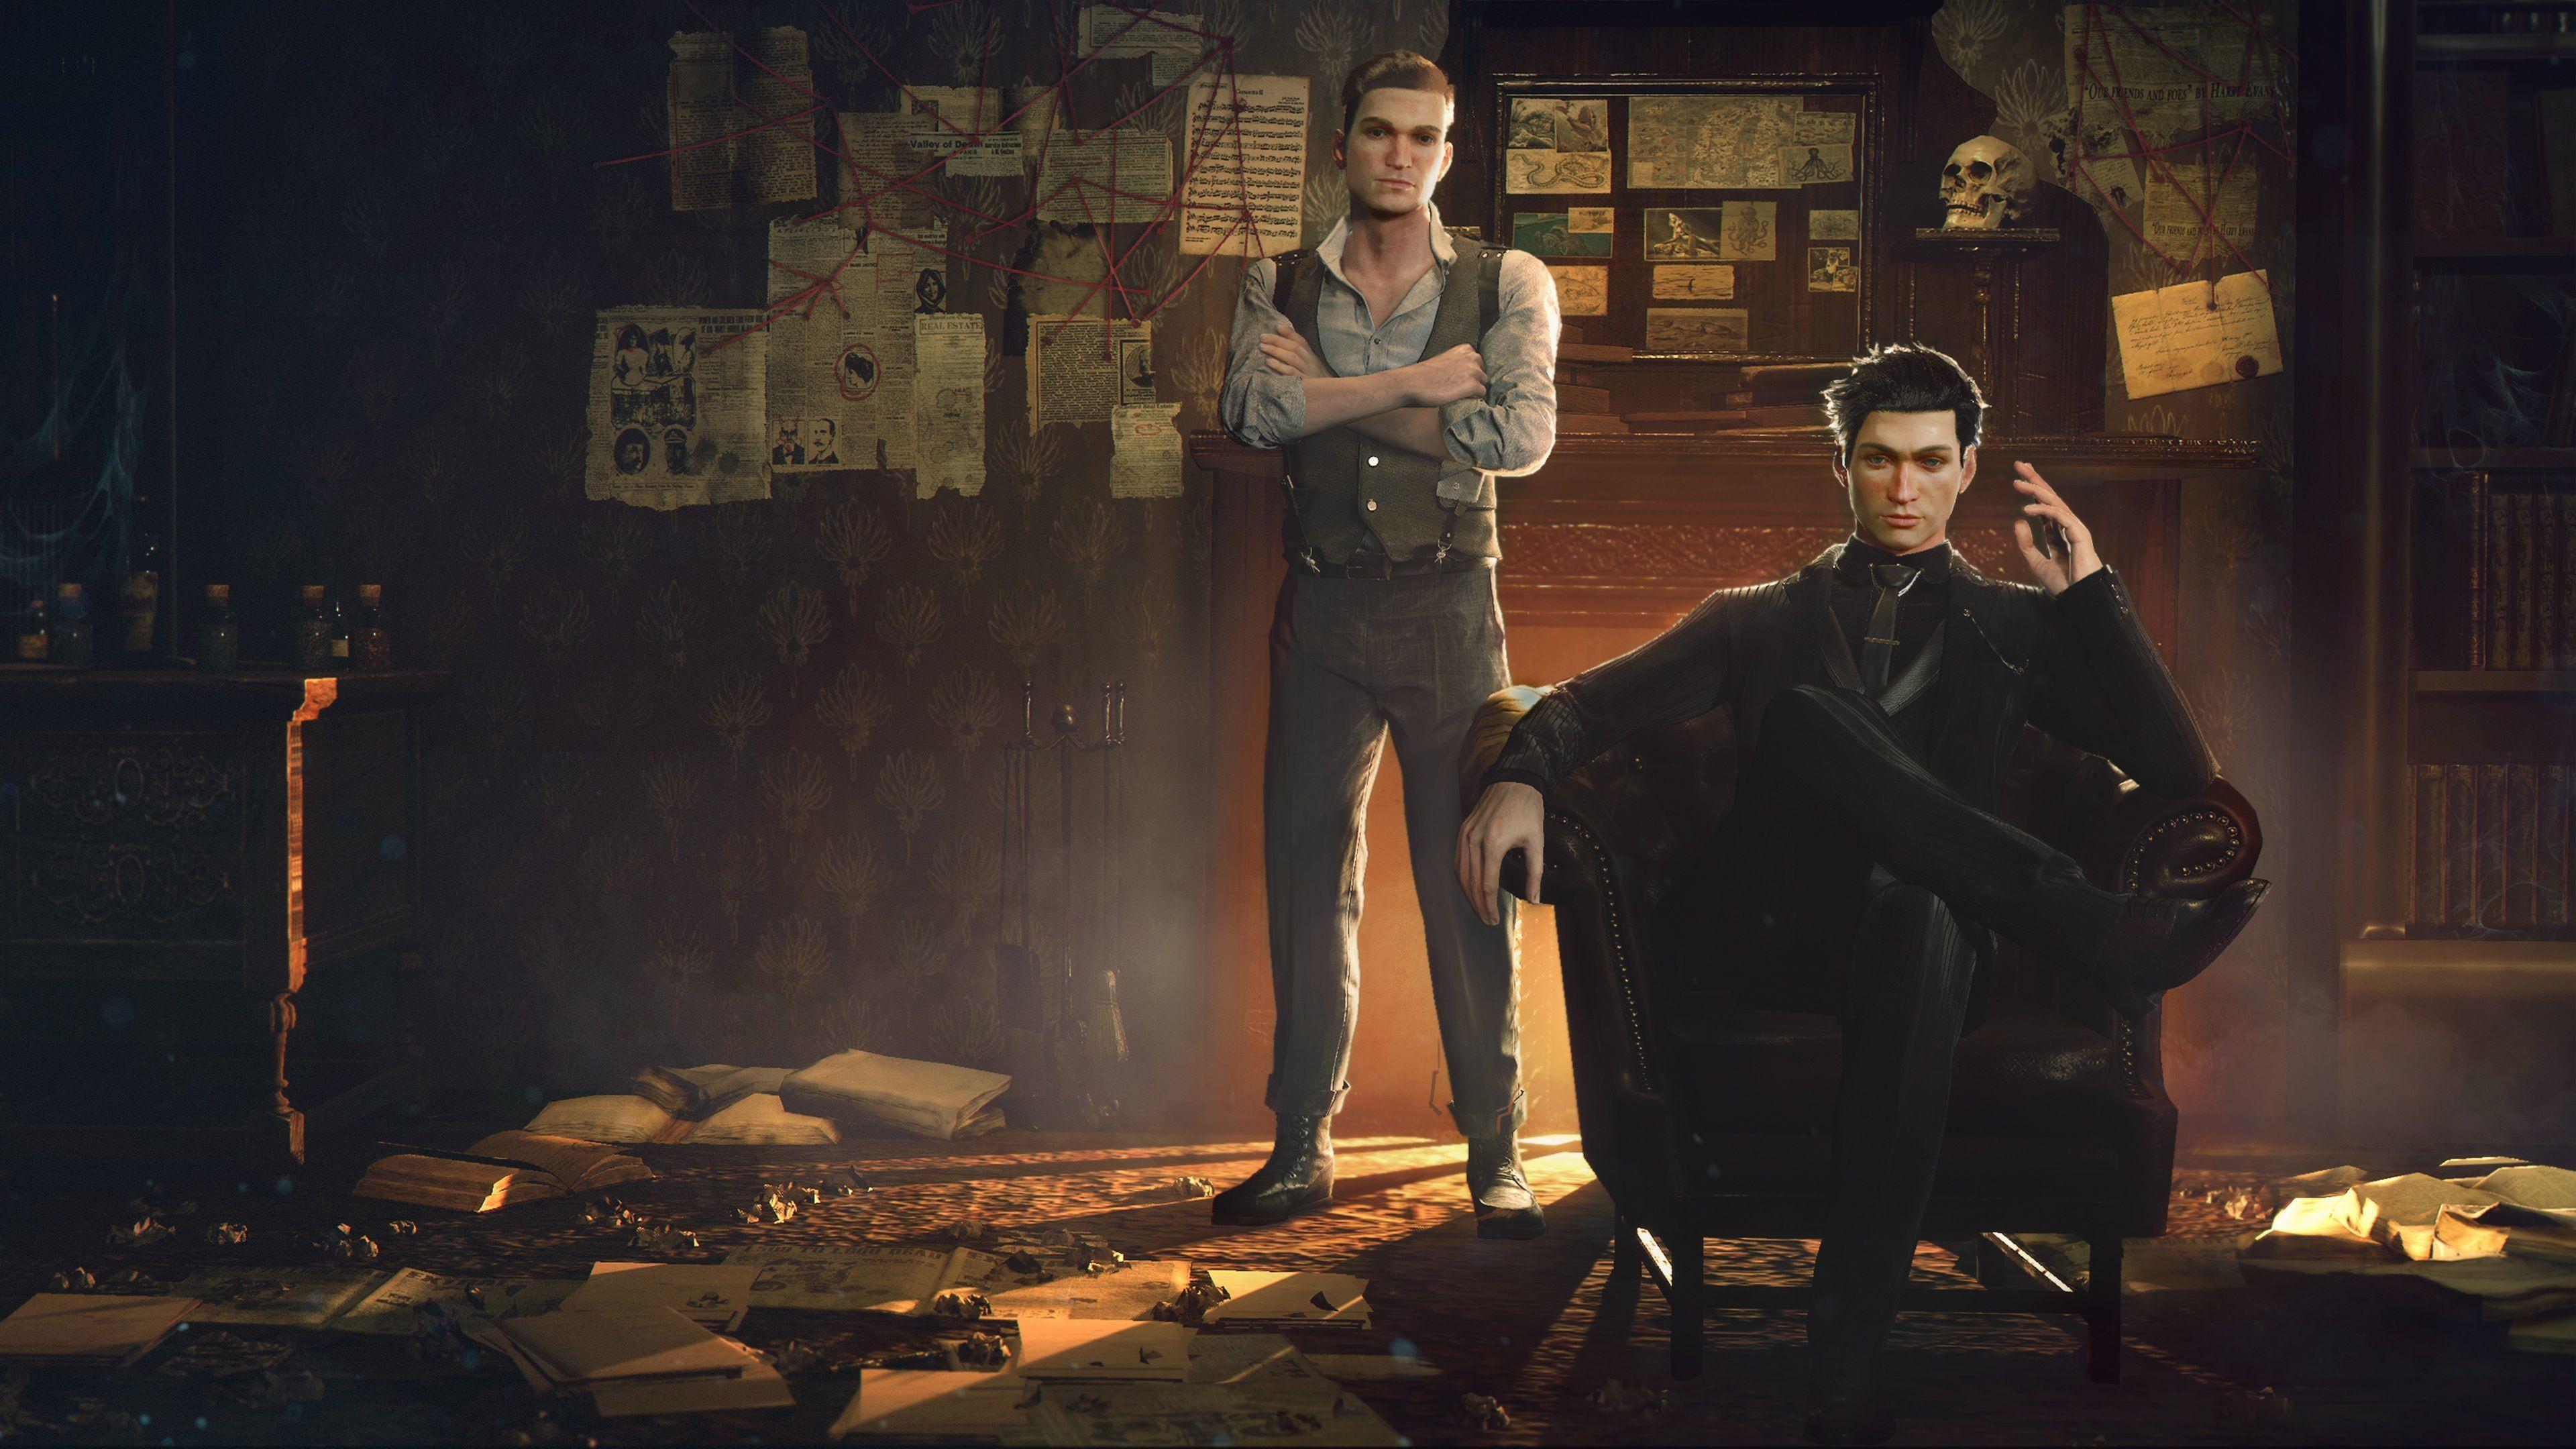 Молодой Шерлок, кулачные бои и перестрелки - свежий трейлер Sherlock Holmes: Chapter One 2